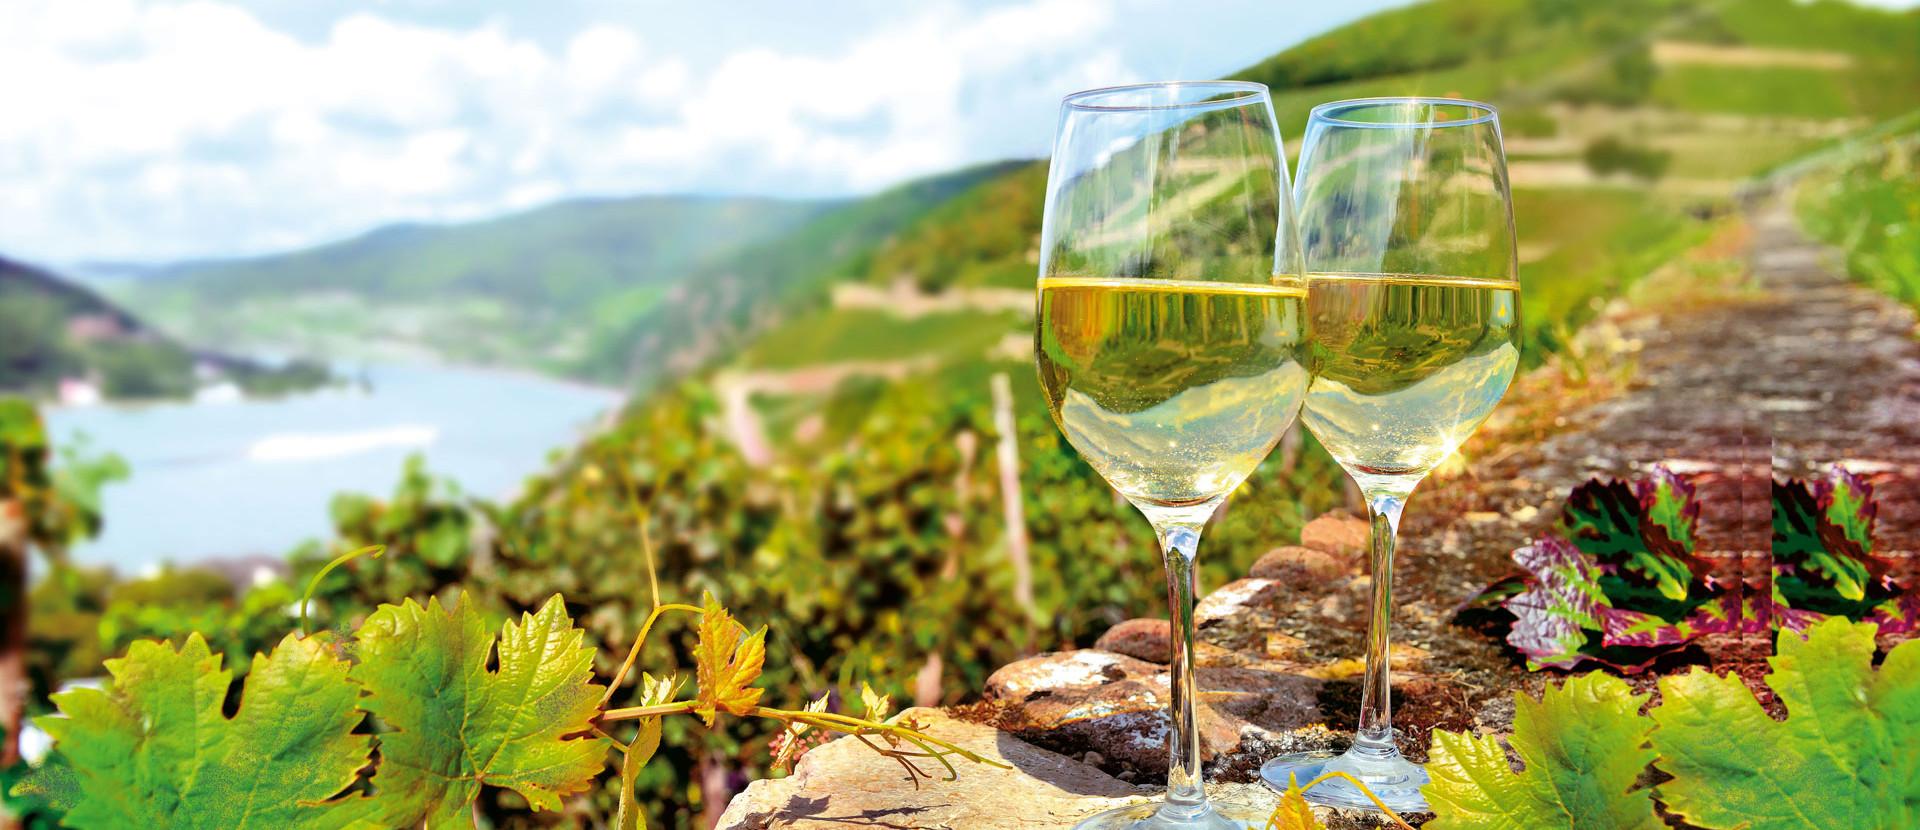 Weingläser vor Weinbergen